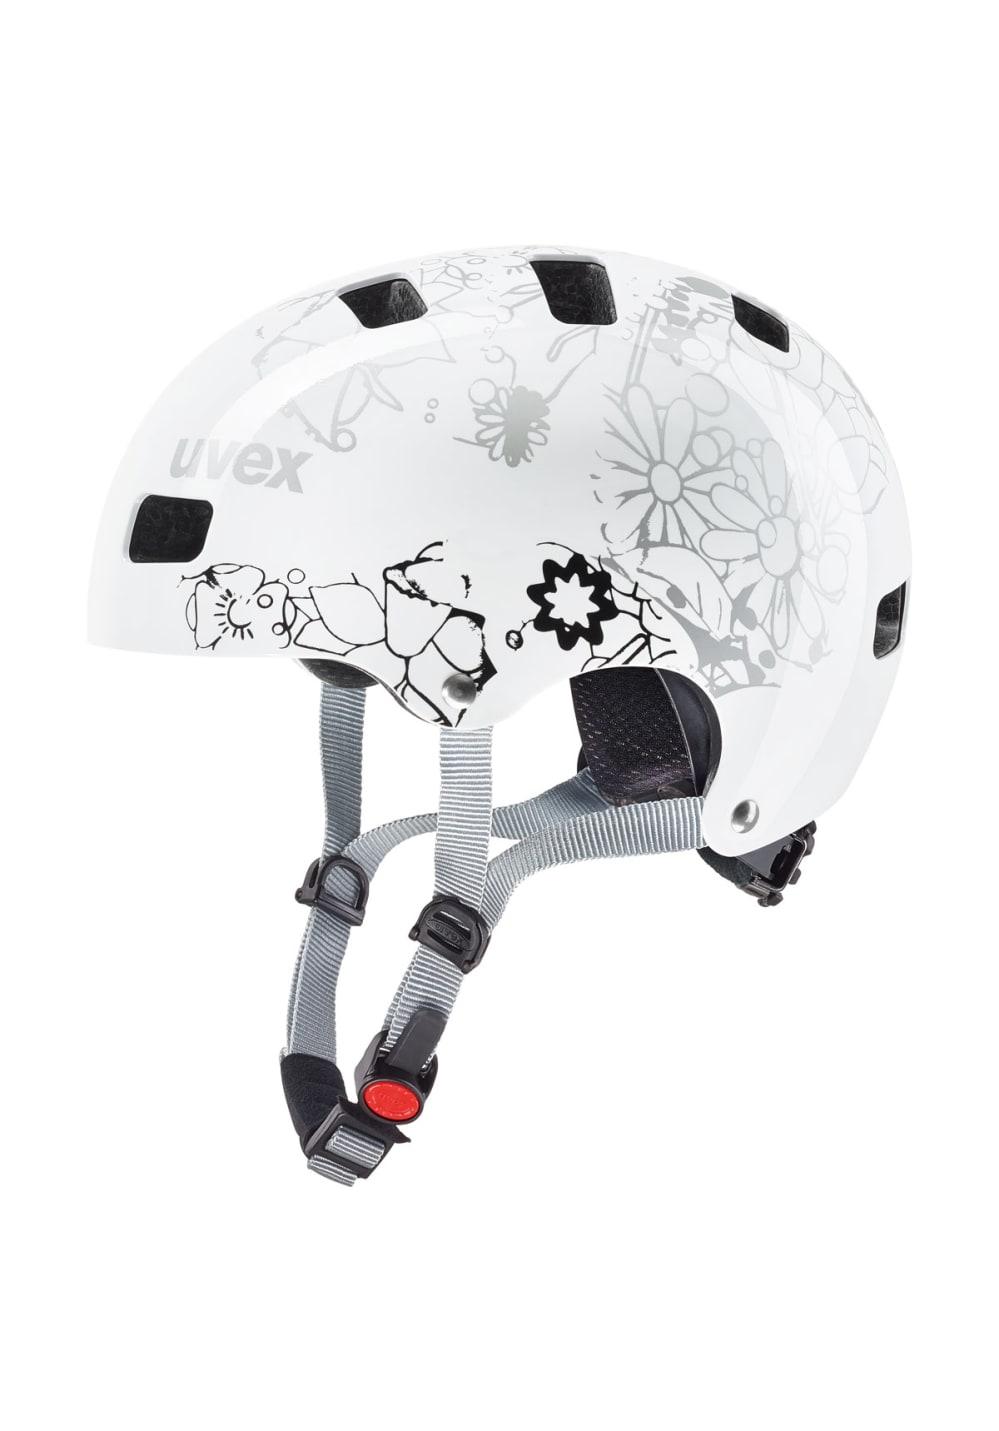 Uvex Kid 3 - Helme für Kinder Unisex - Weiß, Gr. 51-55 cm